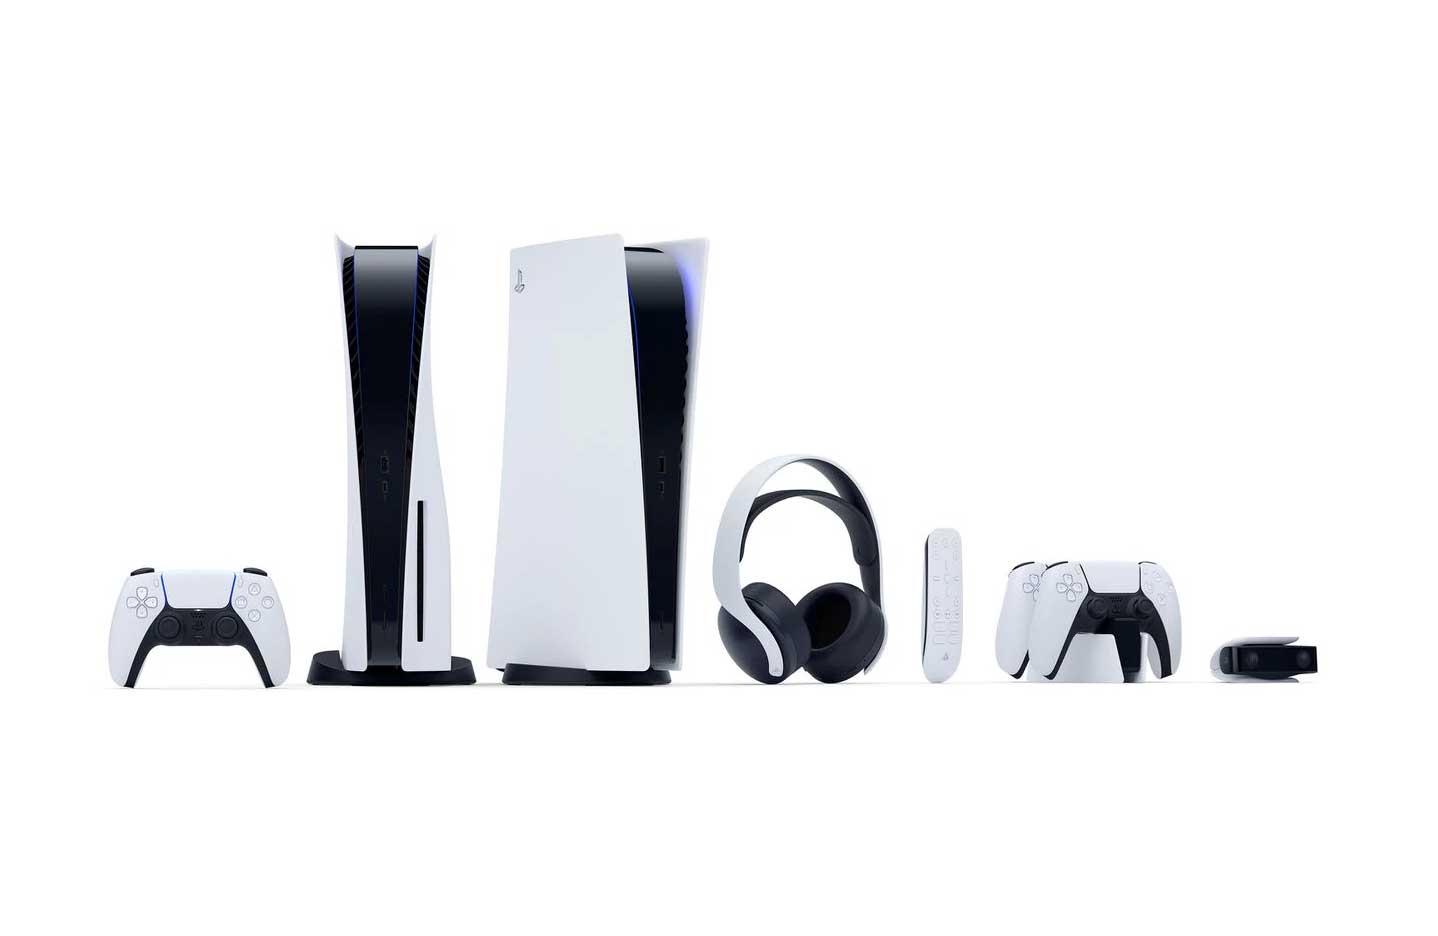 Image de la famille PlayStation 5 de Sony : les consoles Standard et Digital Edition, le contrôleur DualSense, la télécommande, le casque Pulse 3D, la station de recharge DualSense et la caméra HD.